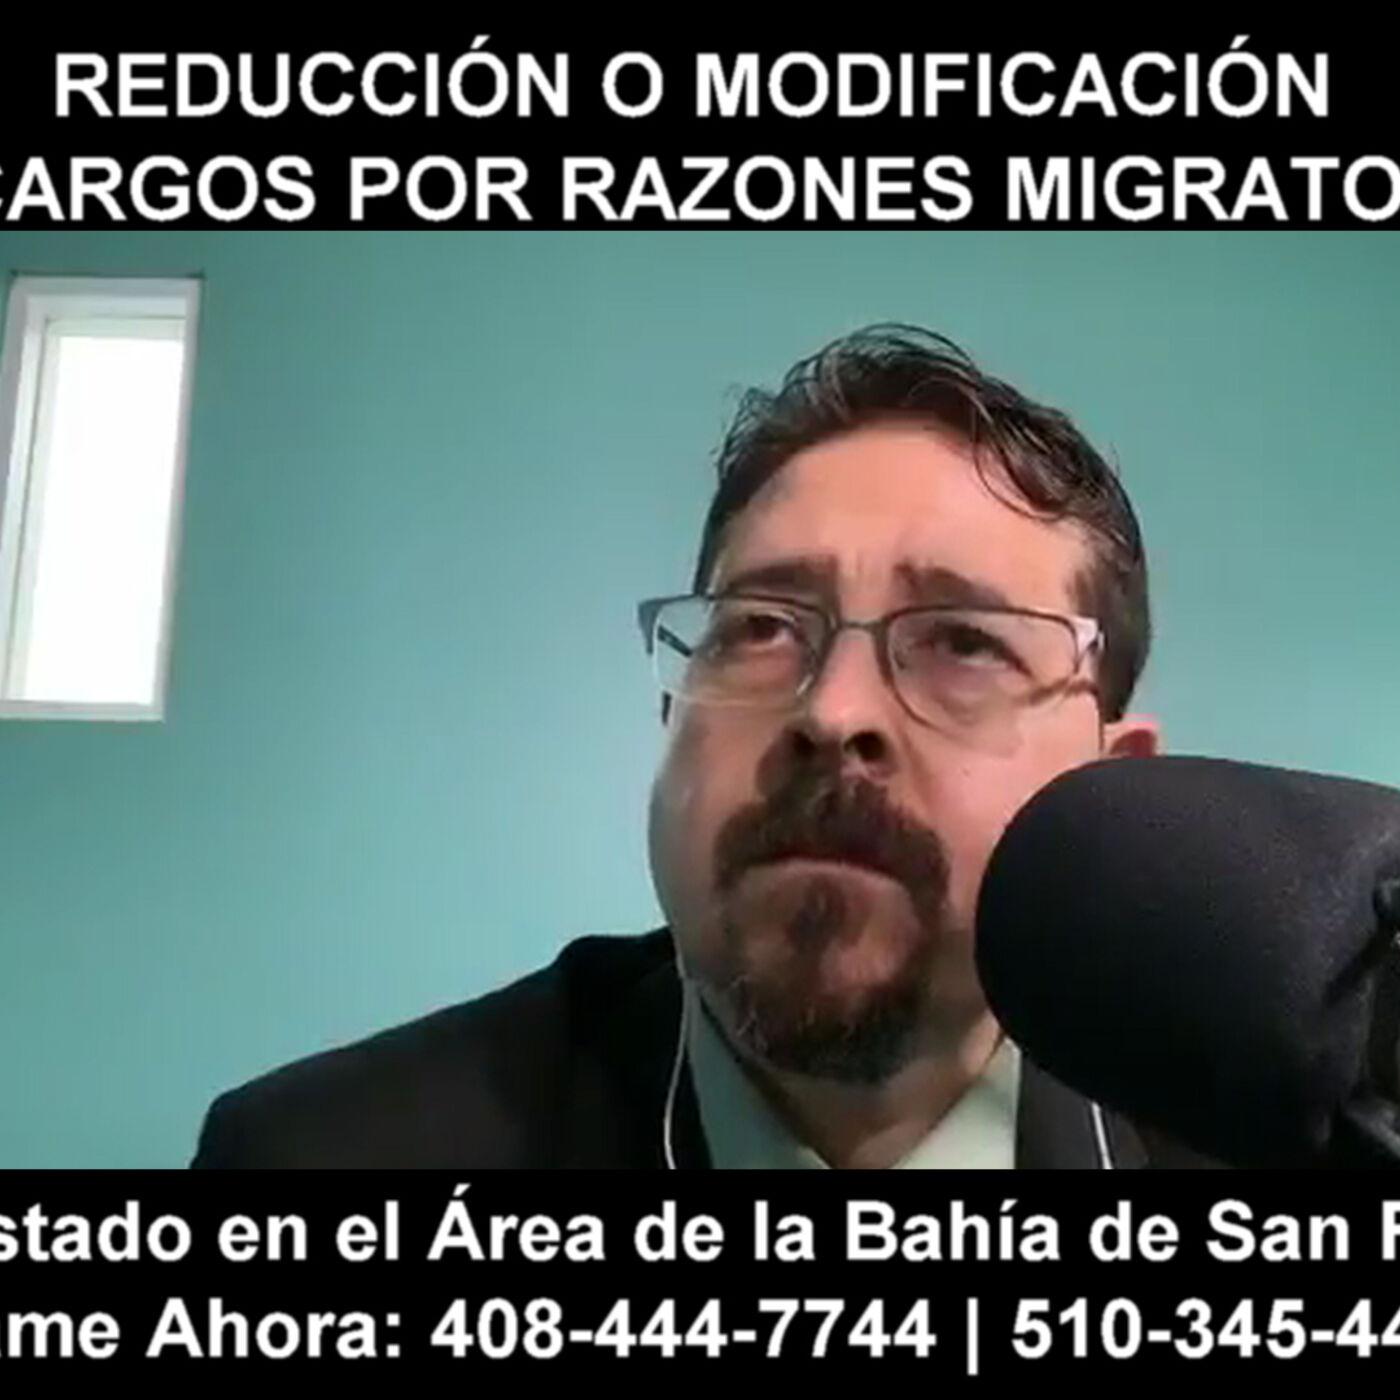 Reducción o modificación de cargos por razones migratorias